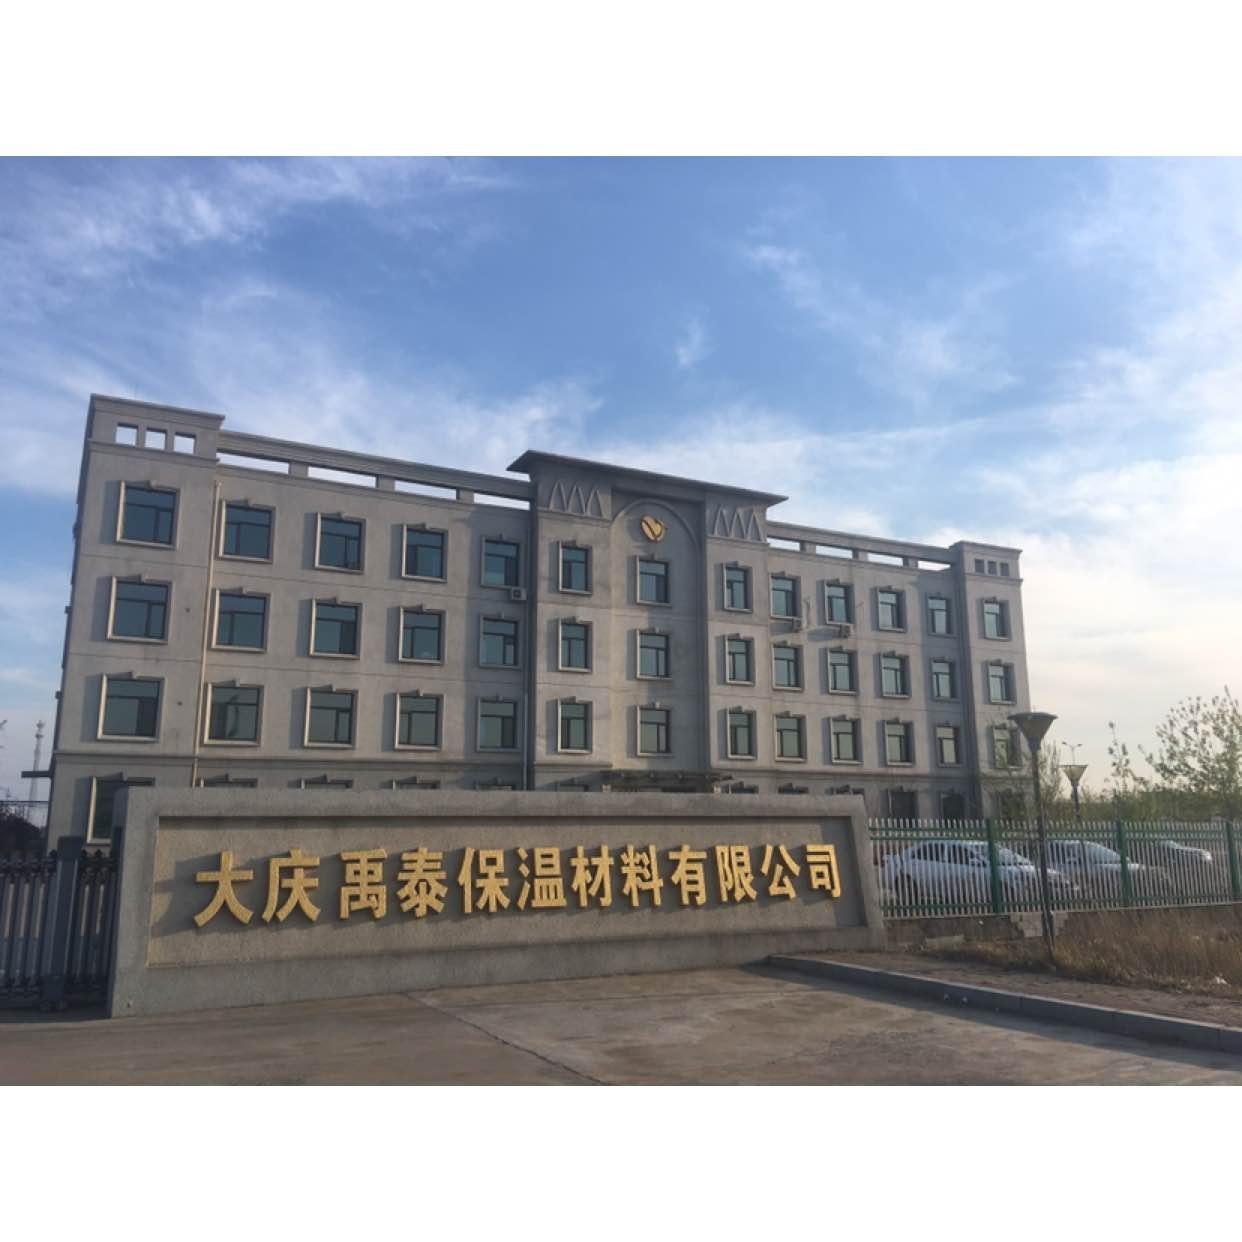 大慶市旭日建筑安裝工程有限公司